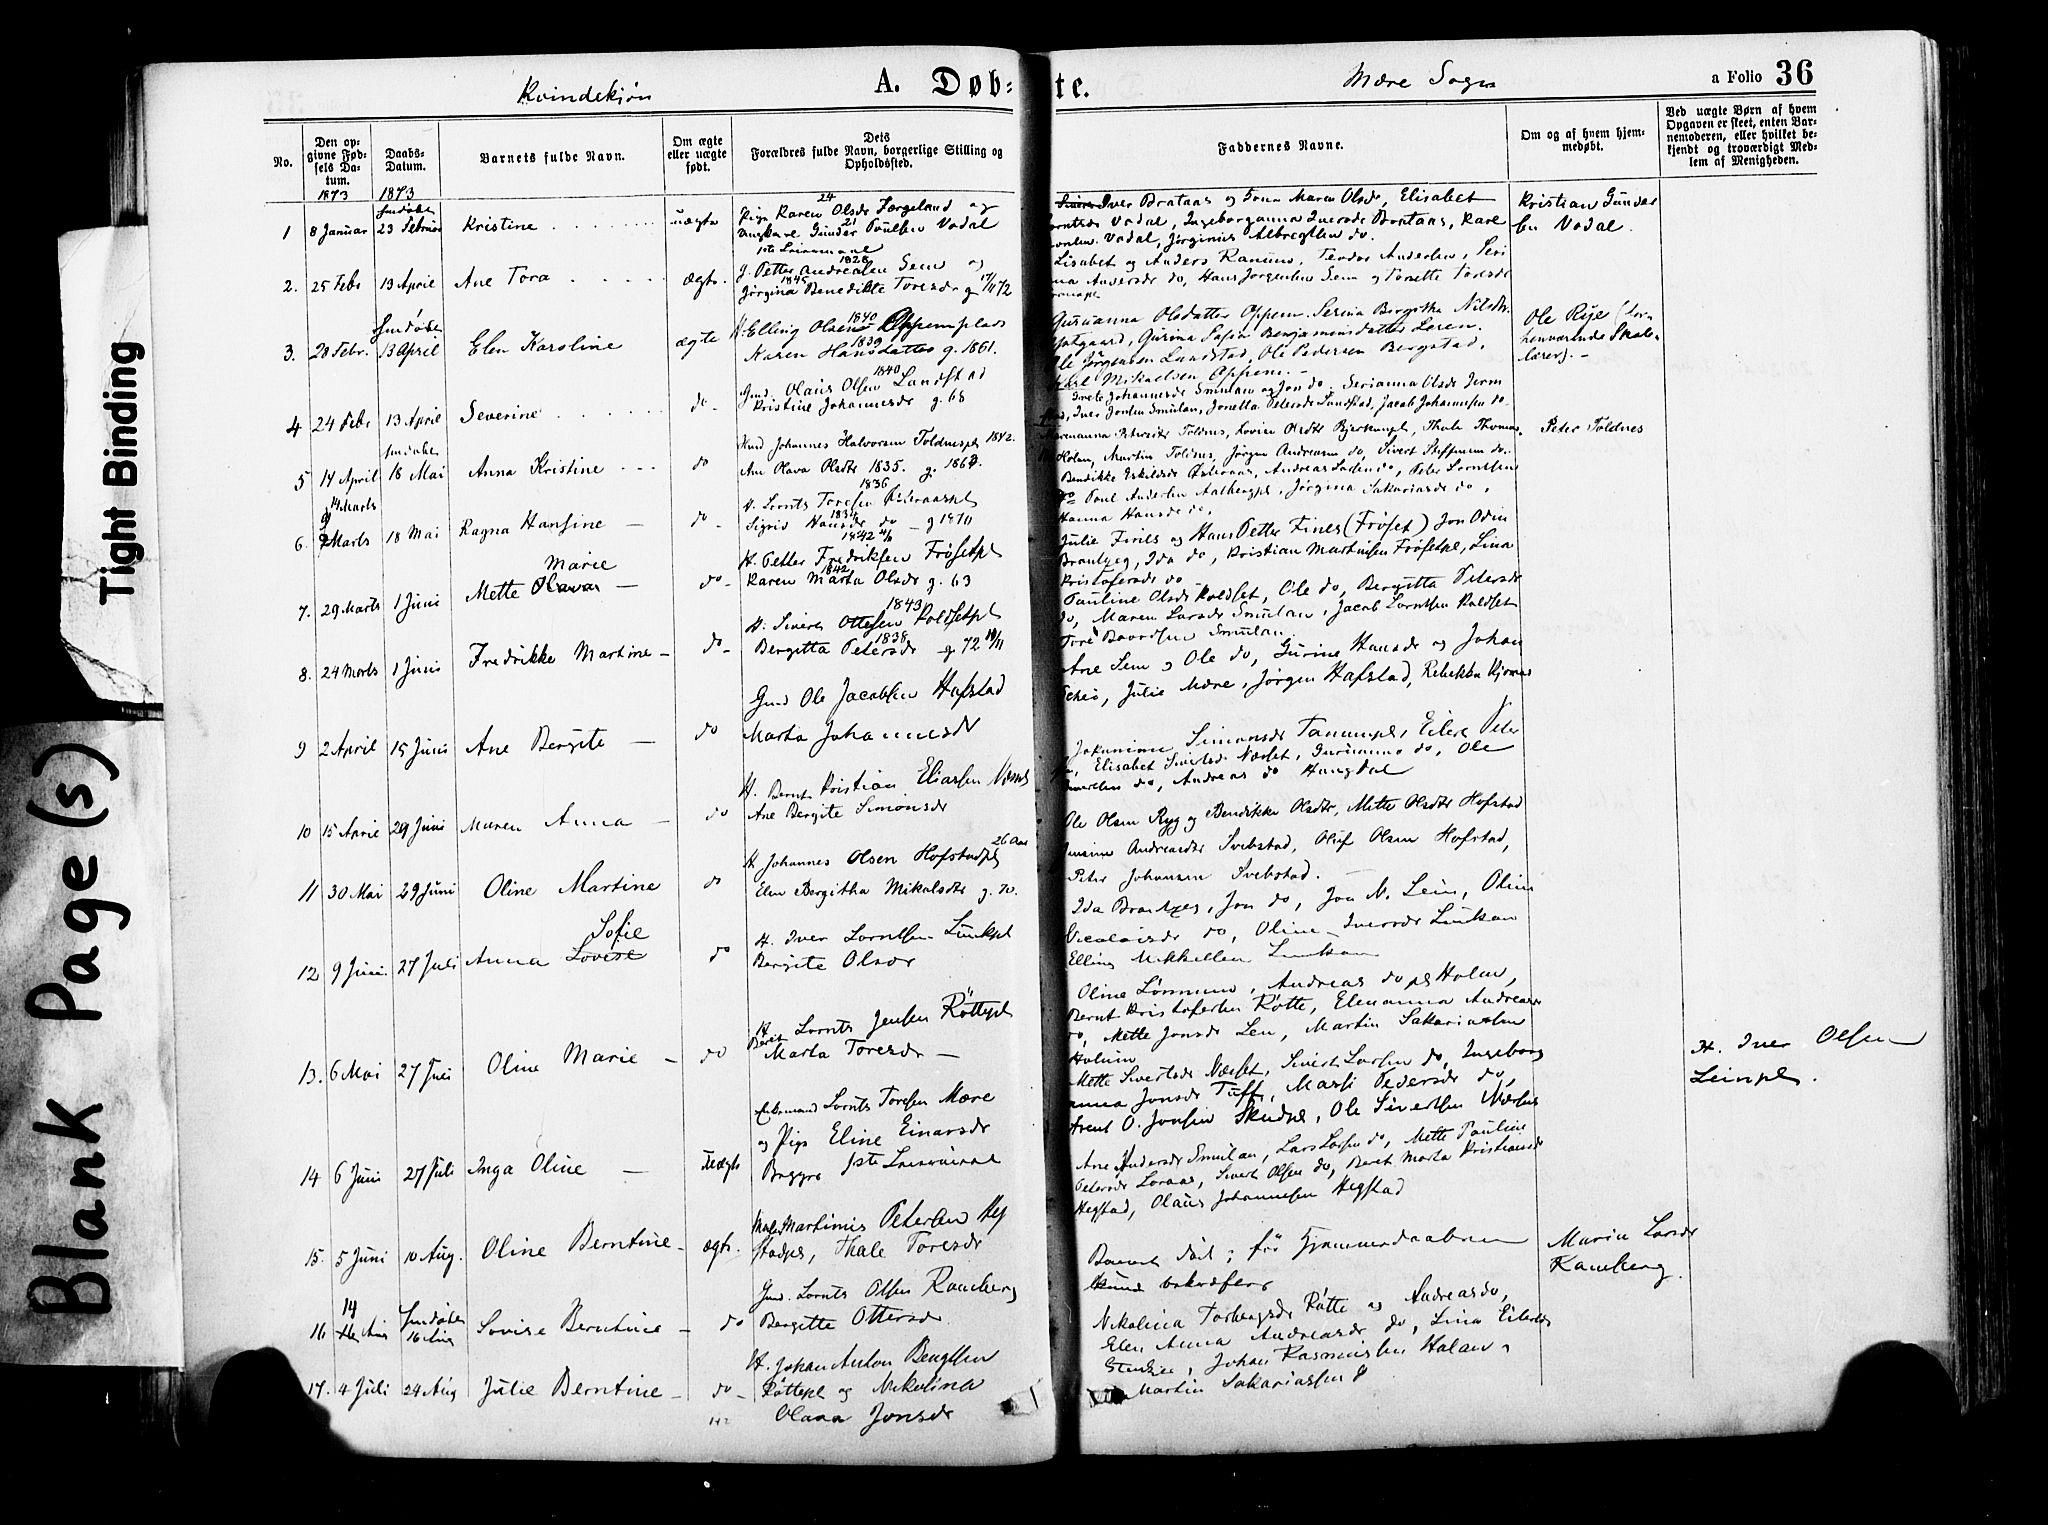 SAT, Ministerialprotokoller, klokkerbøker og fødselsregistre - Nord-Trøndelag, 735/L0348: Ministerialbok nr. 735A09 /1, 1873-1883, s. 36